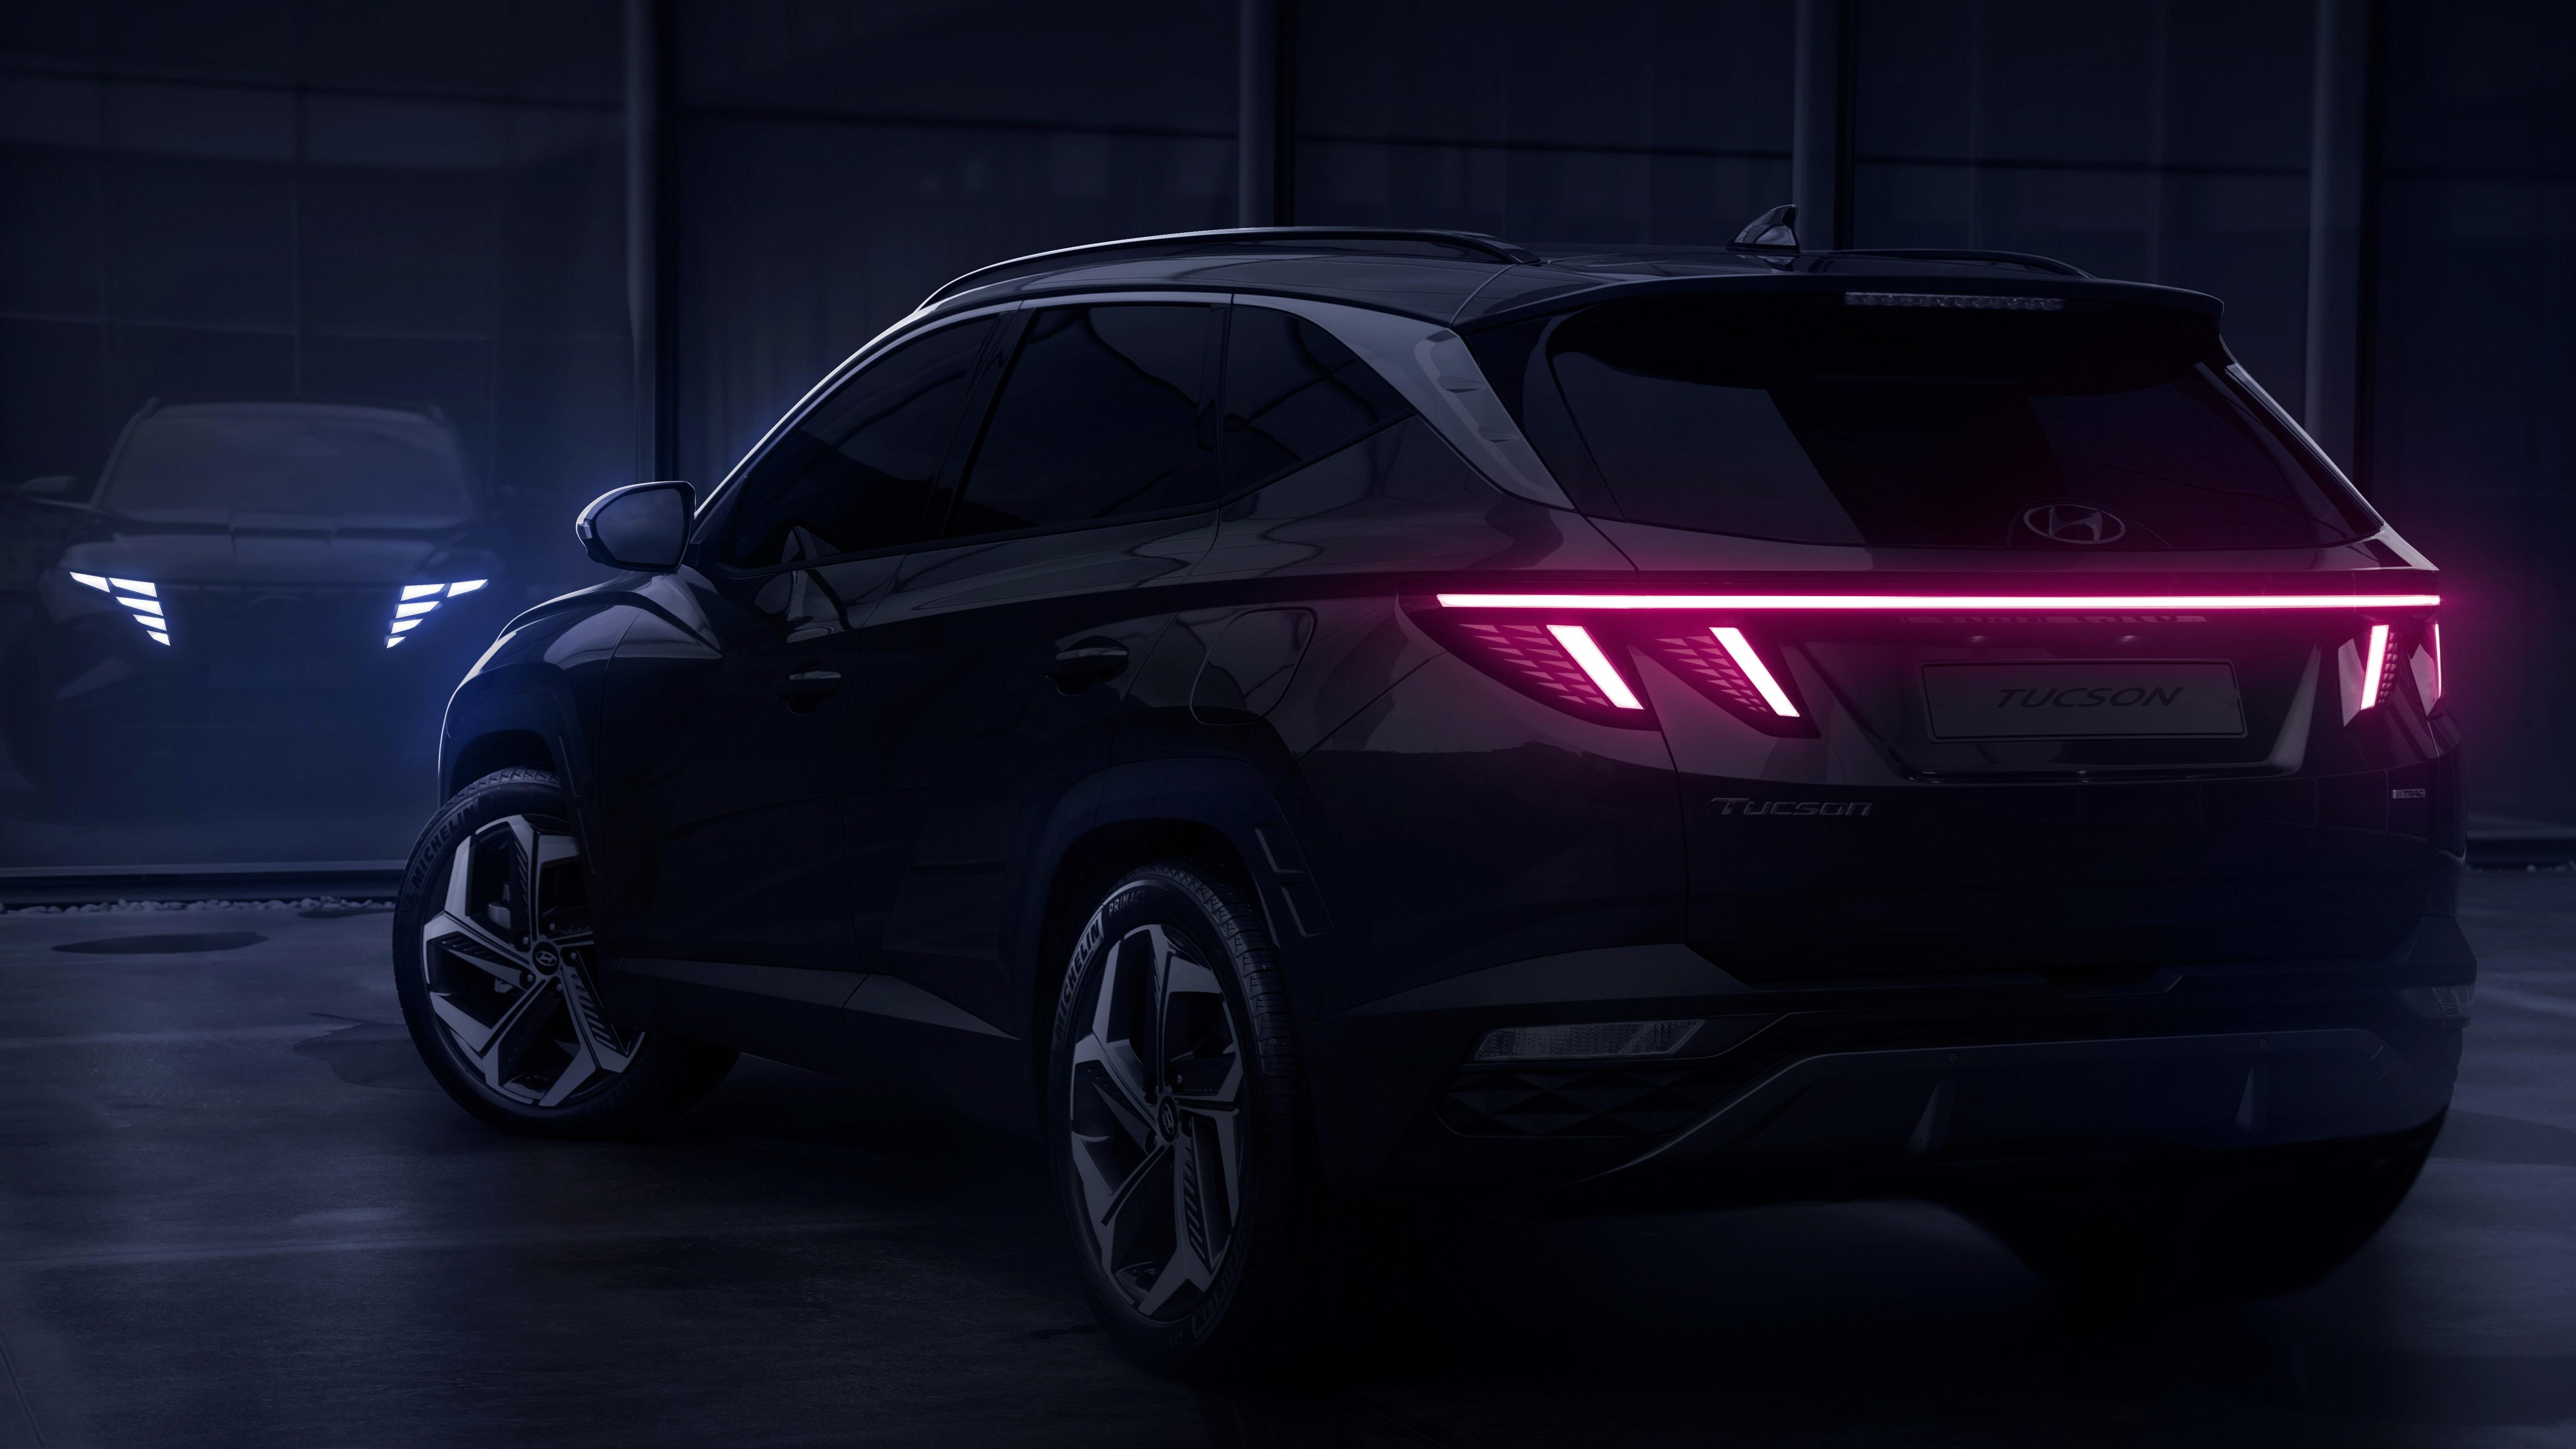 هيونداي تطلق الجيل الرابع من سيارة توسان